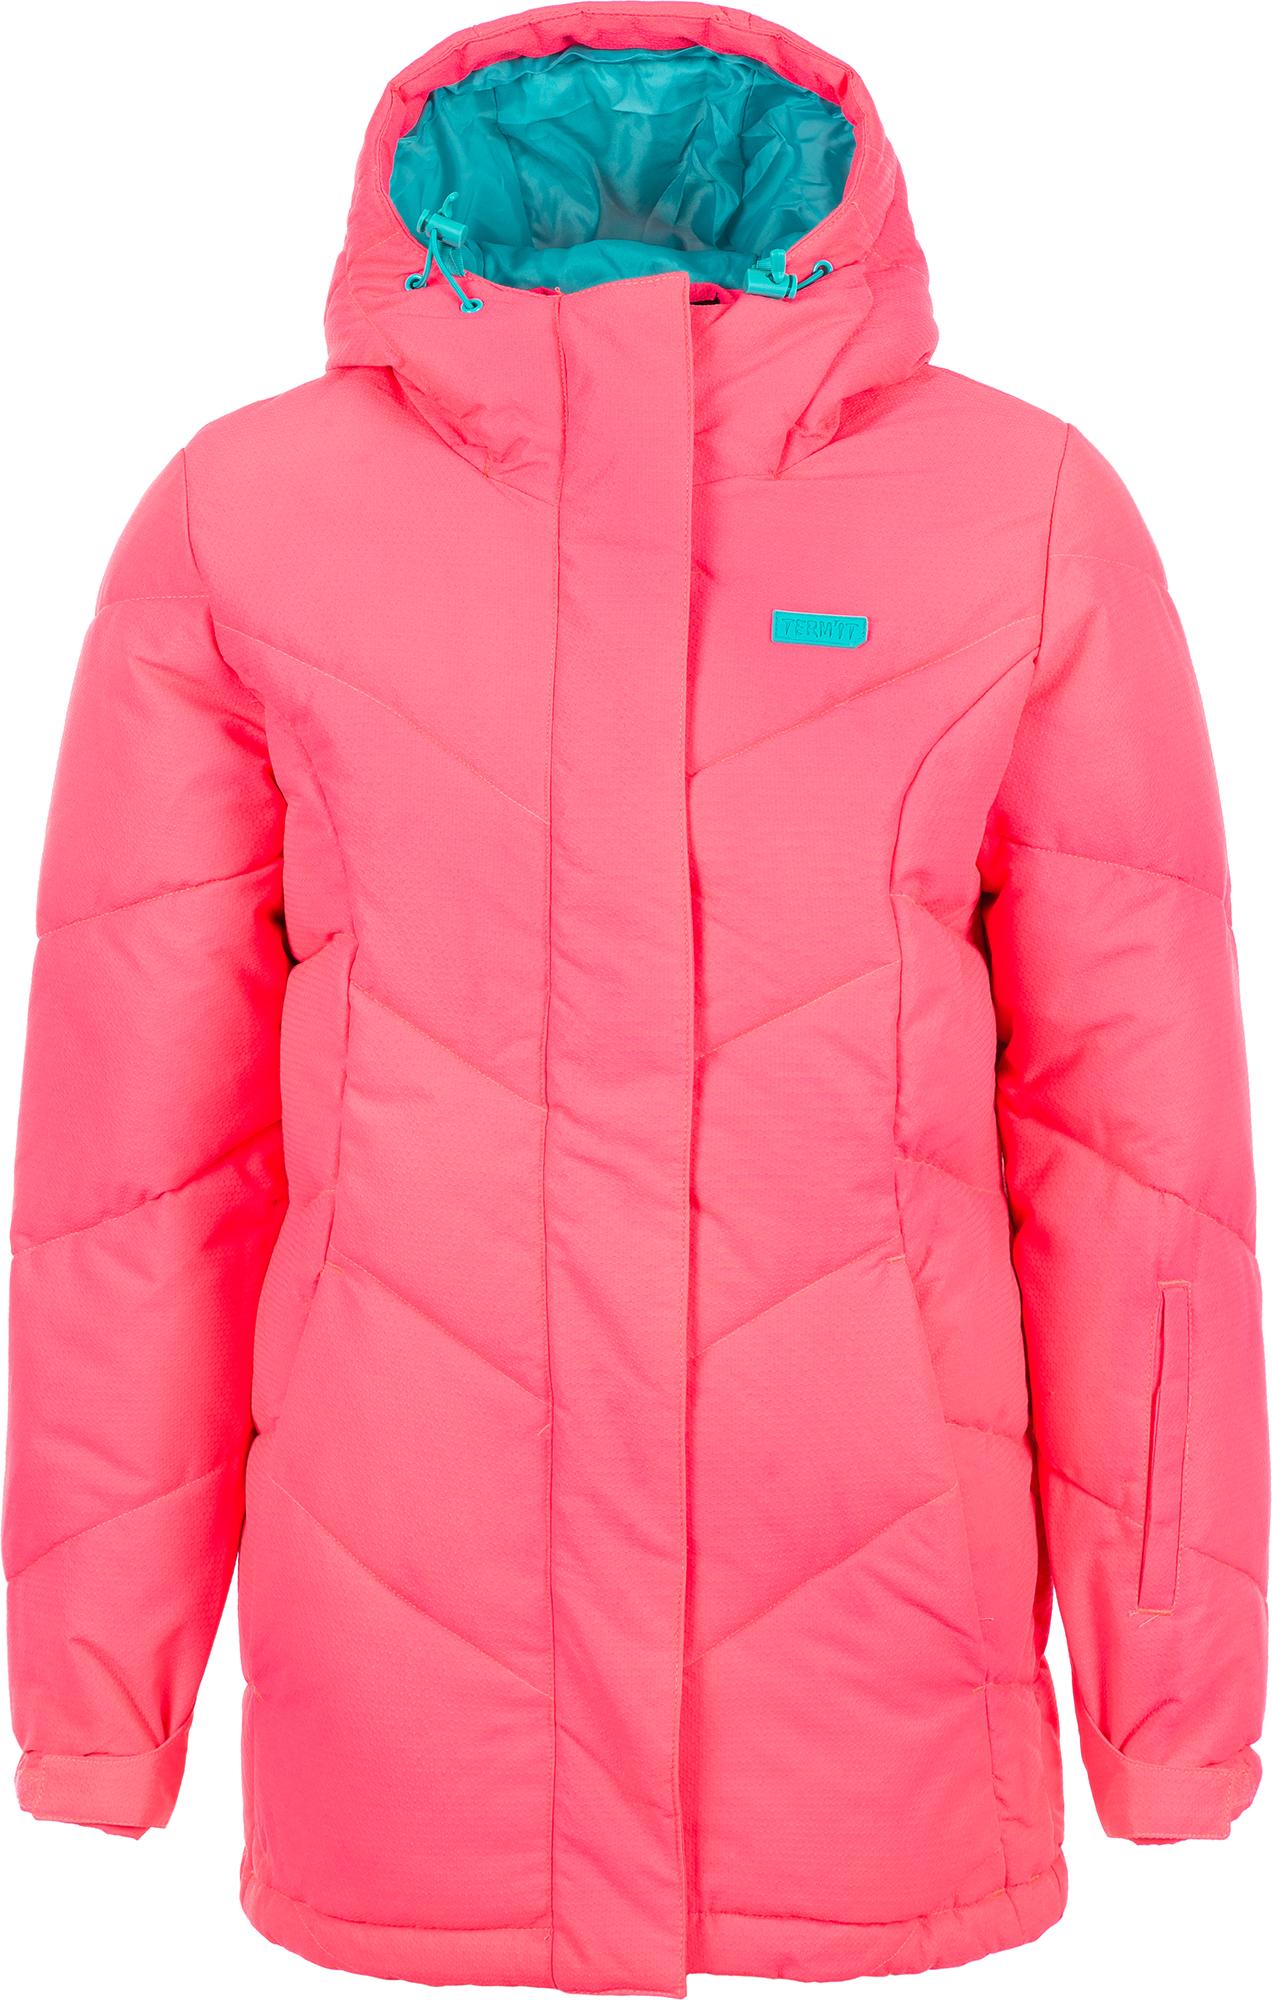 купить Termit Куртка утепленная для девочек Termit, размер 164 дешево